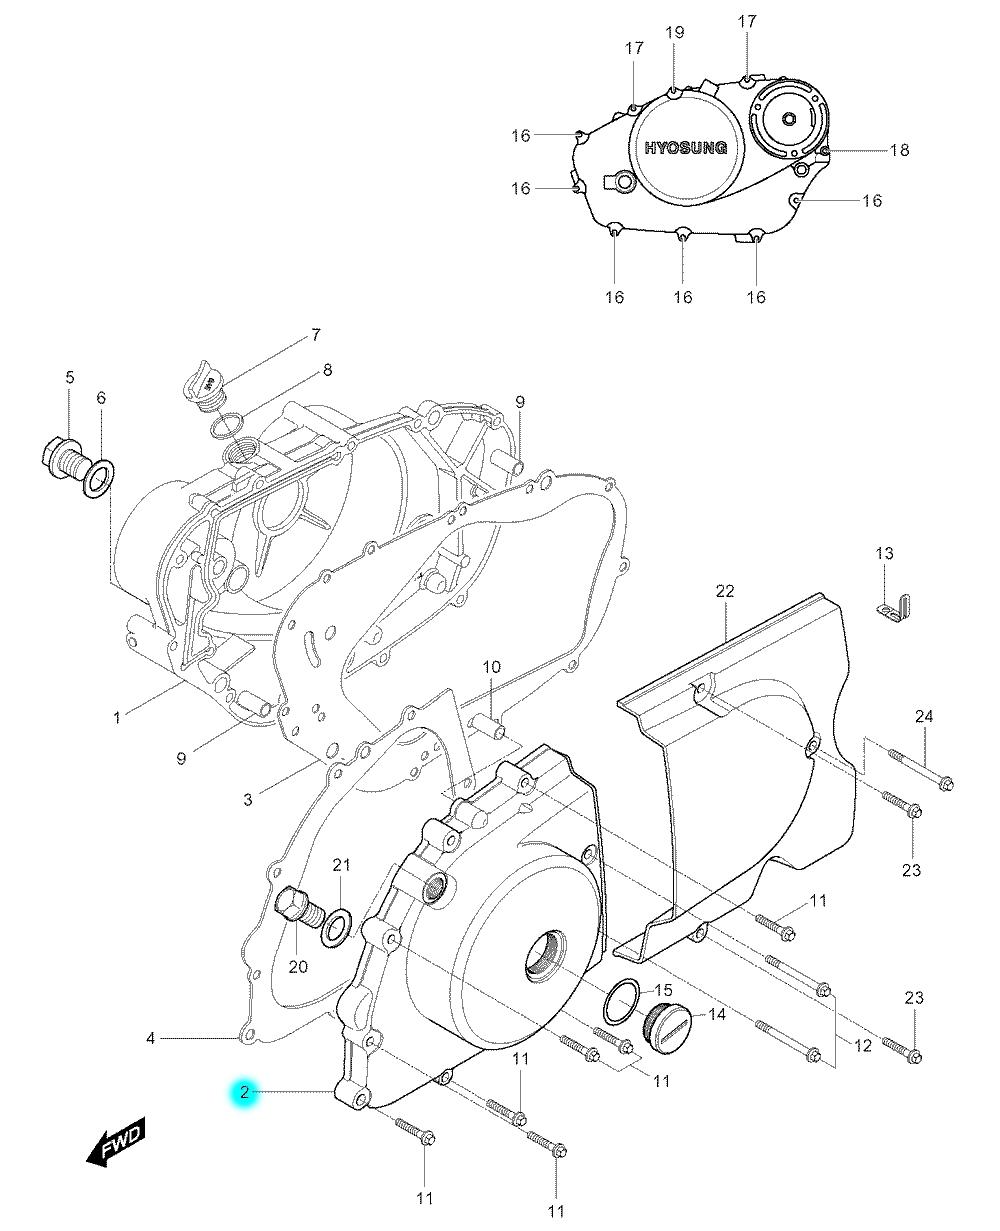 [2] Boční kryt motoru (motor - kryty skříně) - Hyosung GV 250